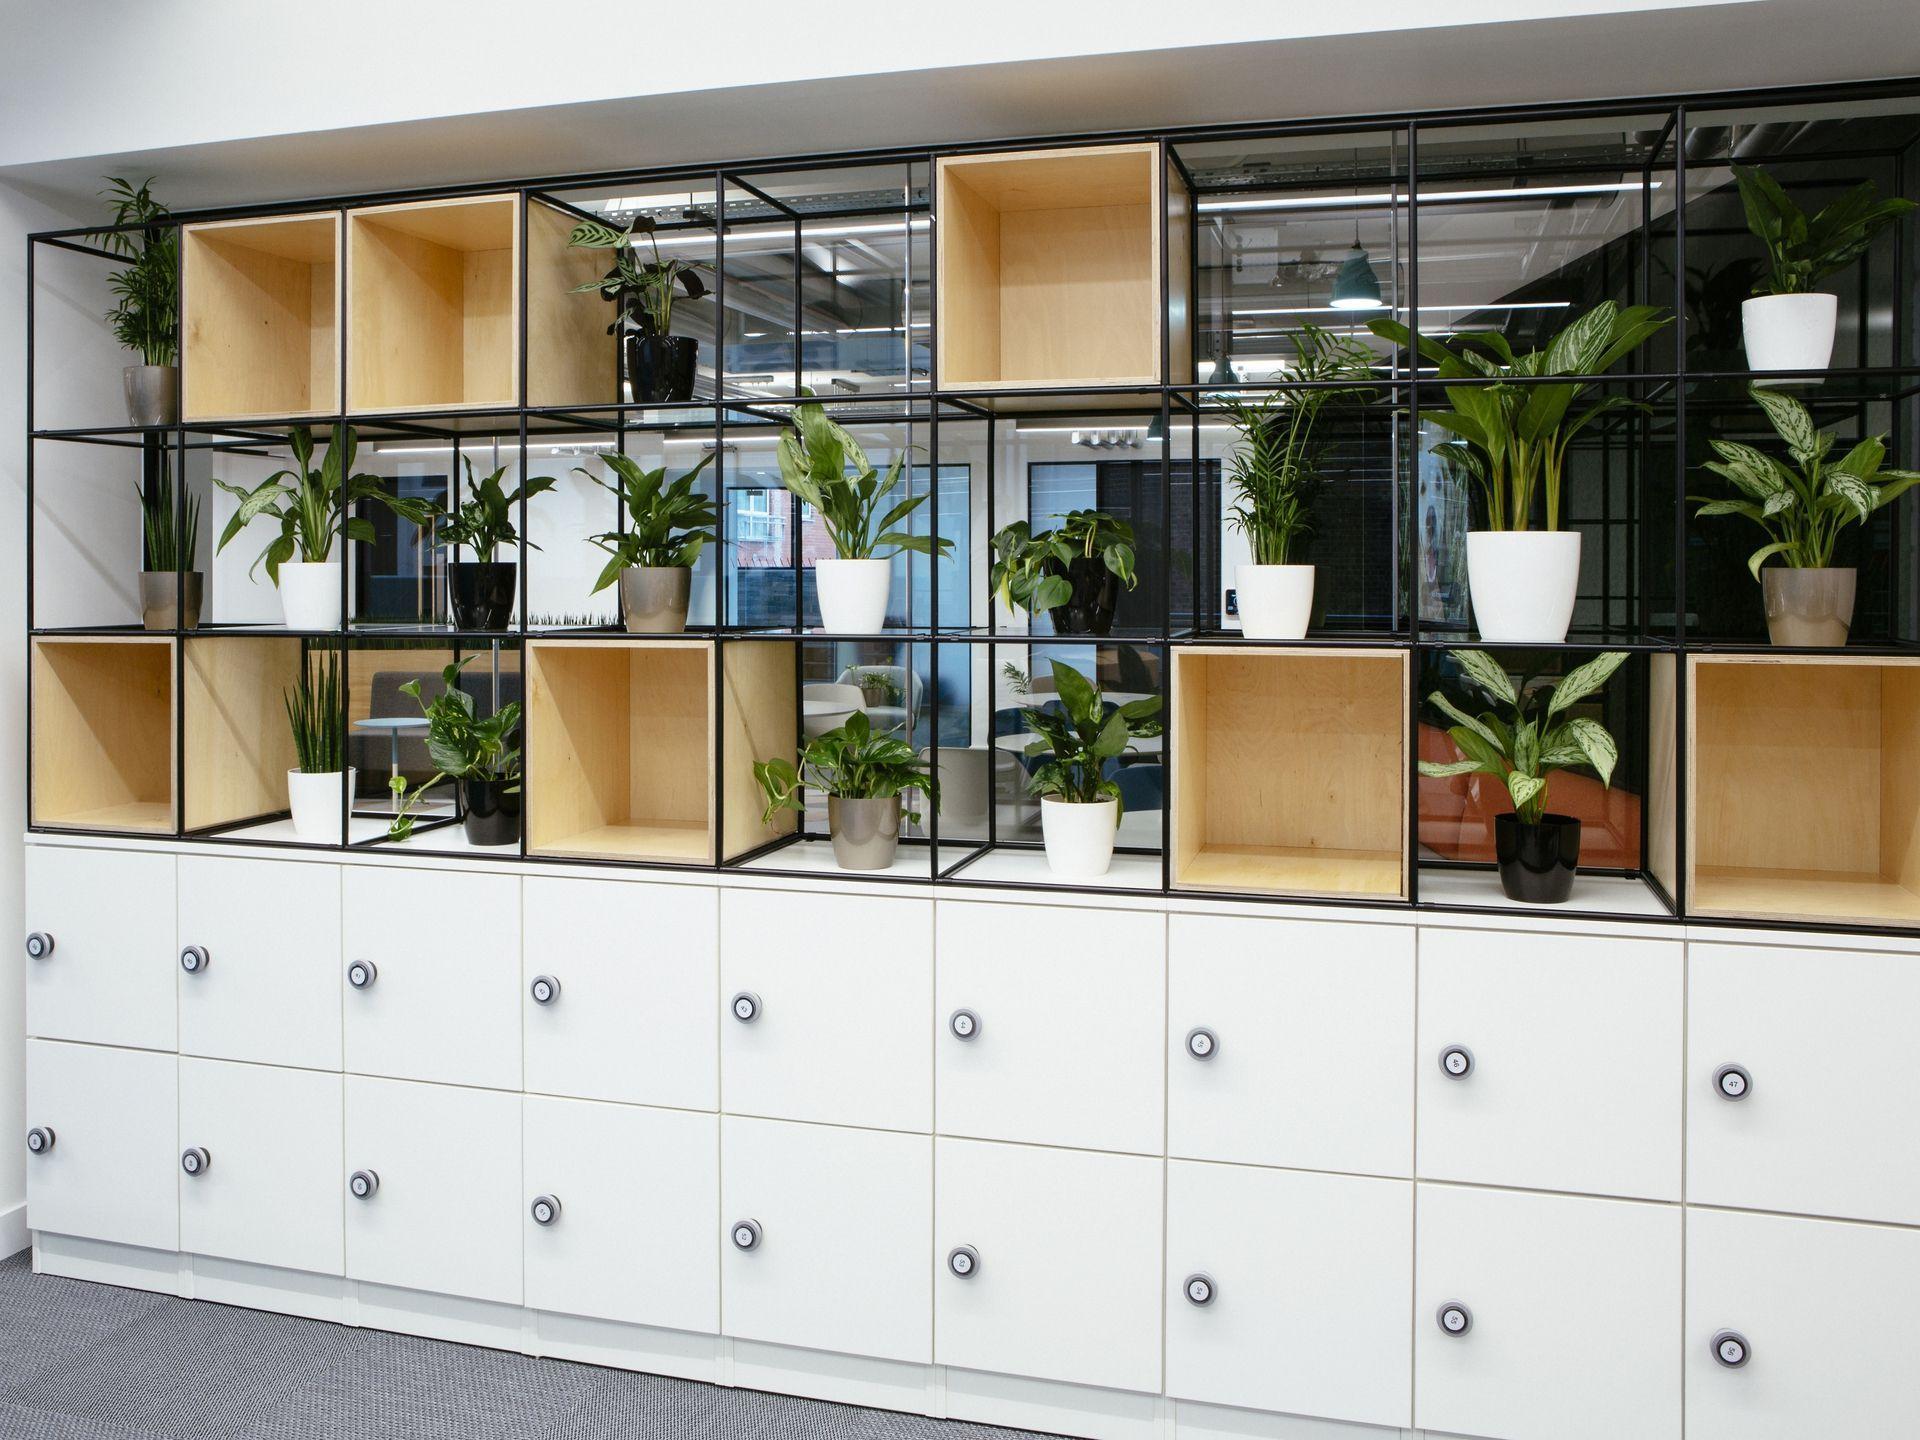 Office Design Ideas panosundaki Pin